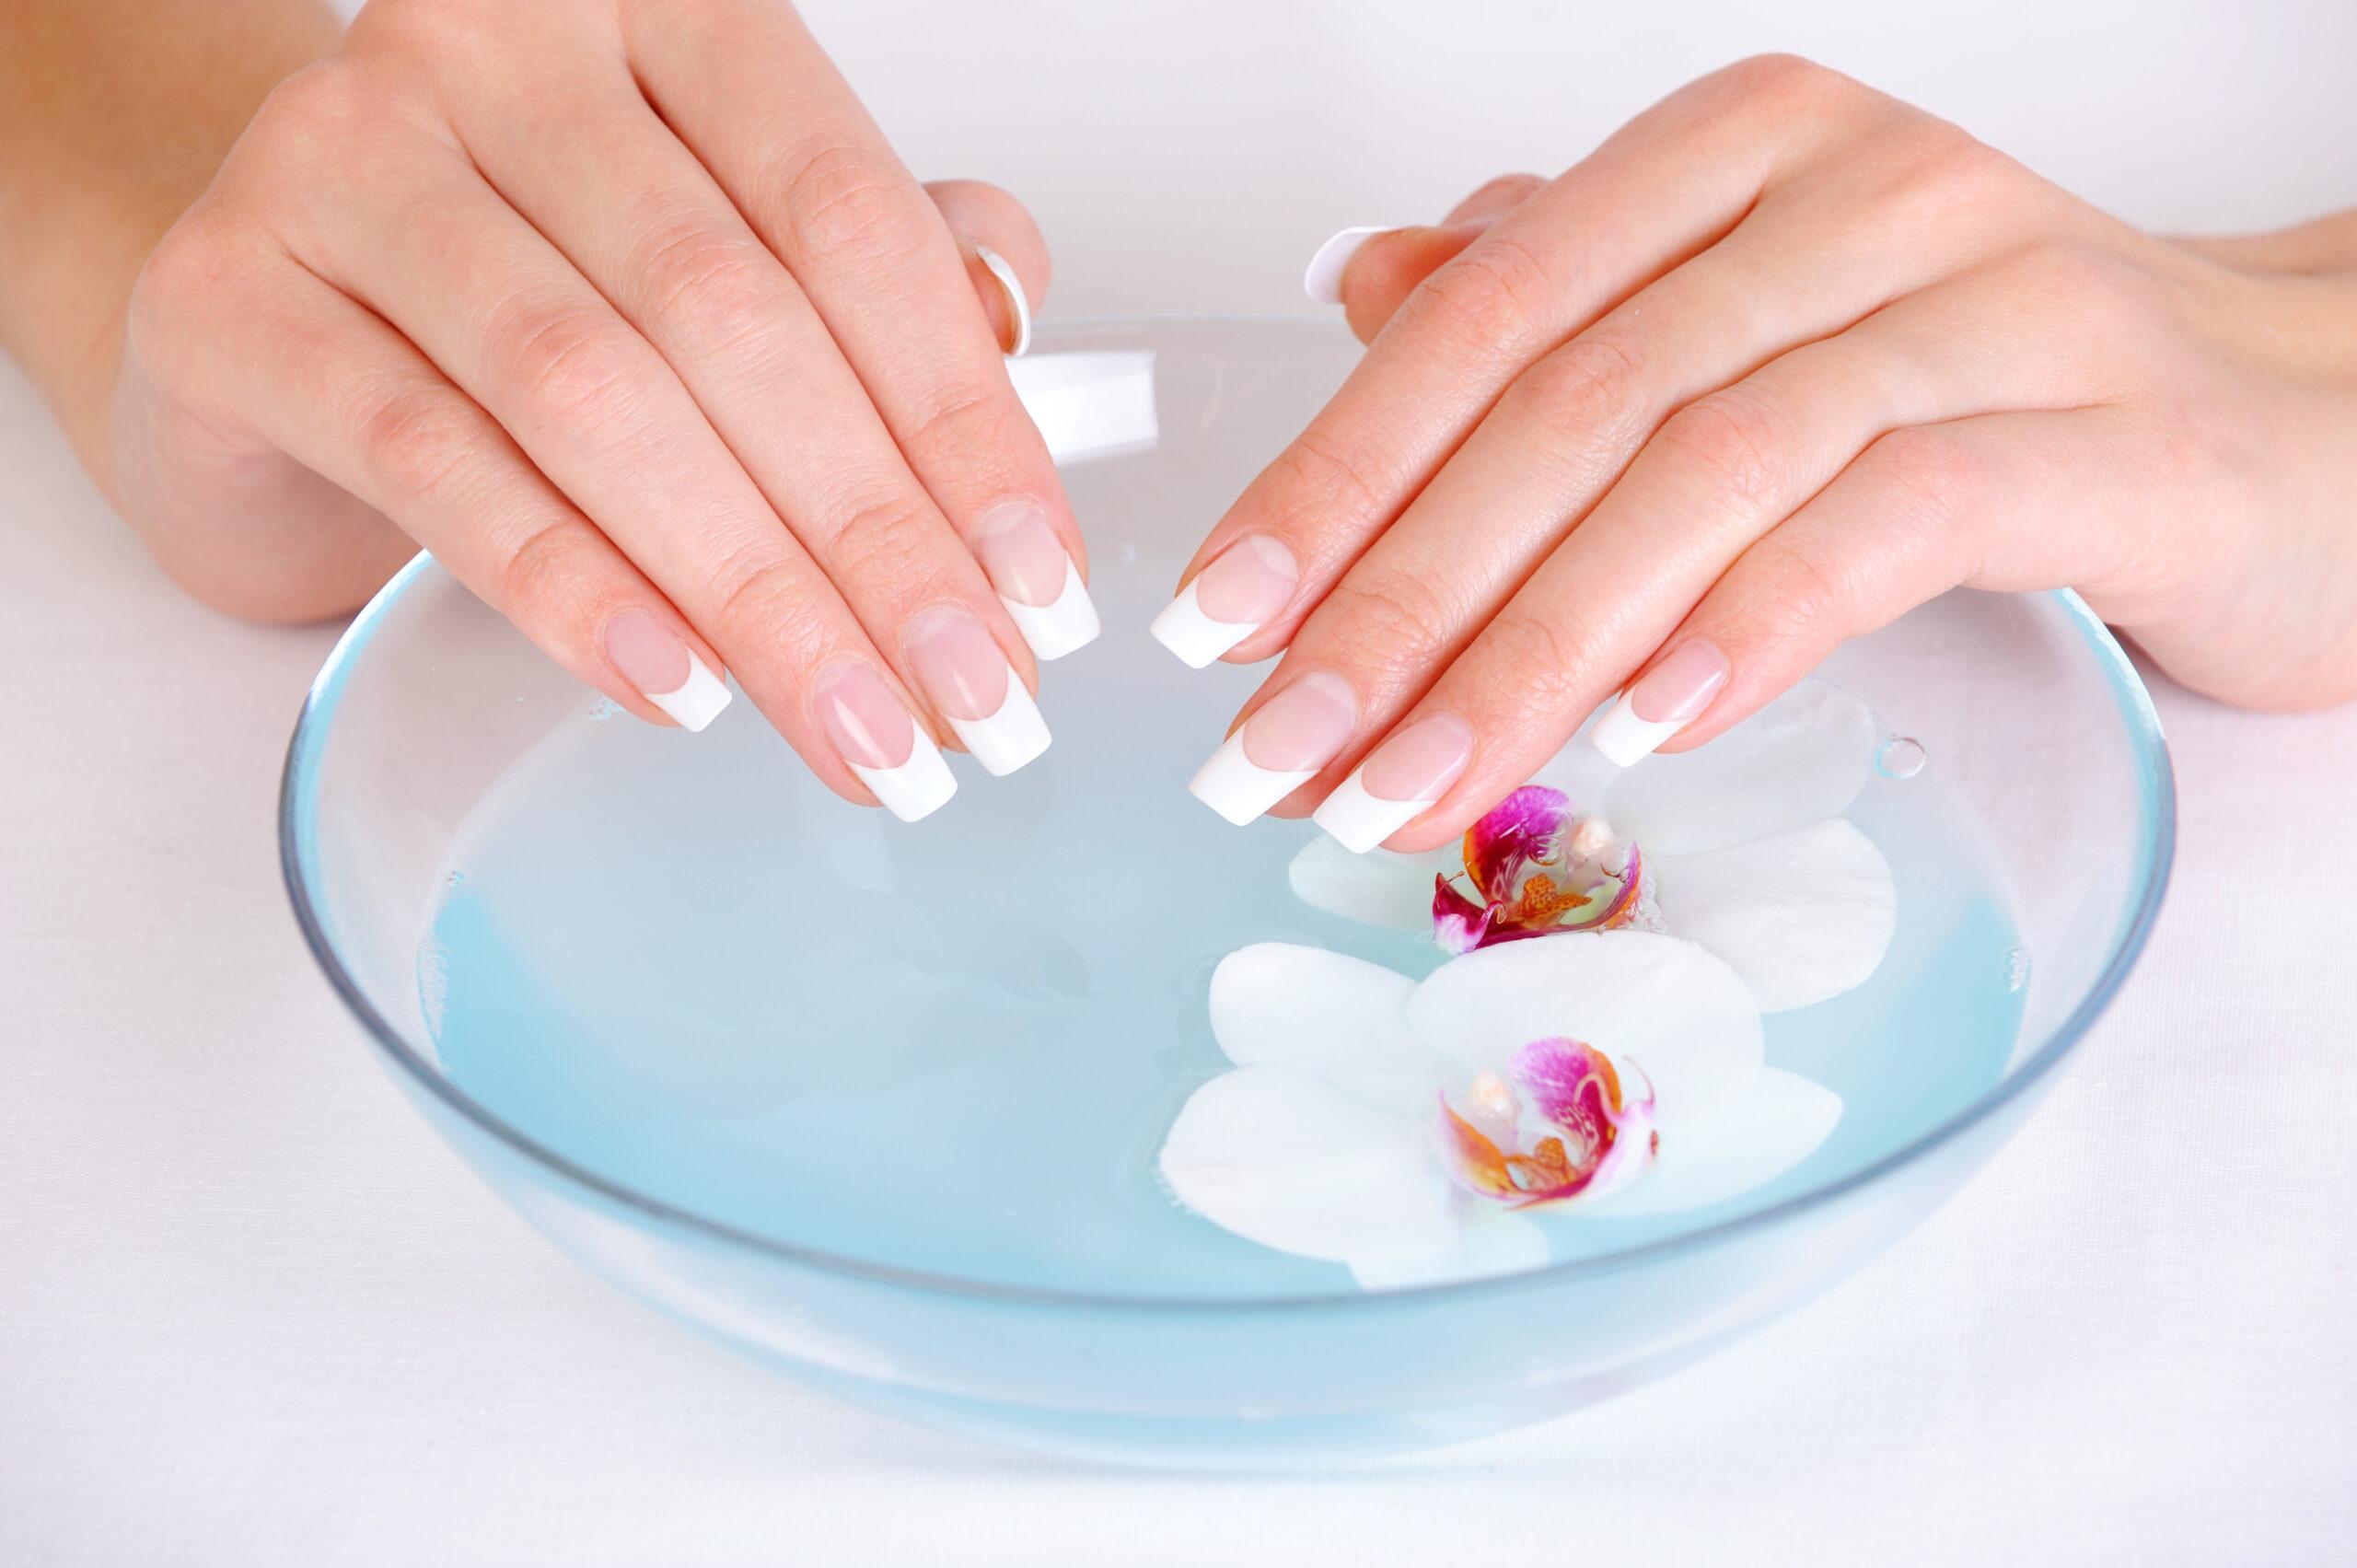 Ślubne paznokcie przed wykonaniem rytuału spa dla dłoni